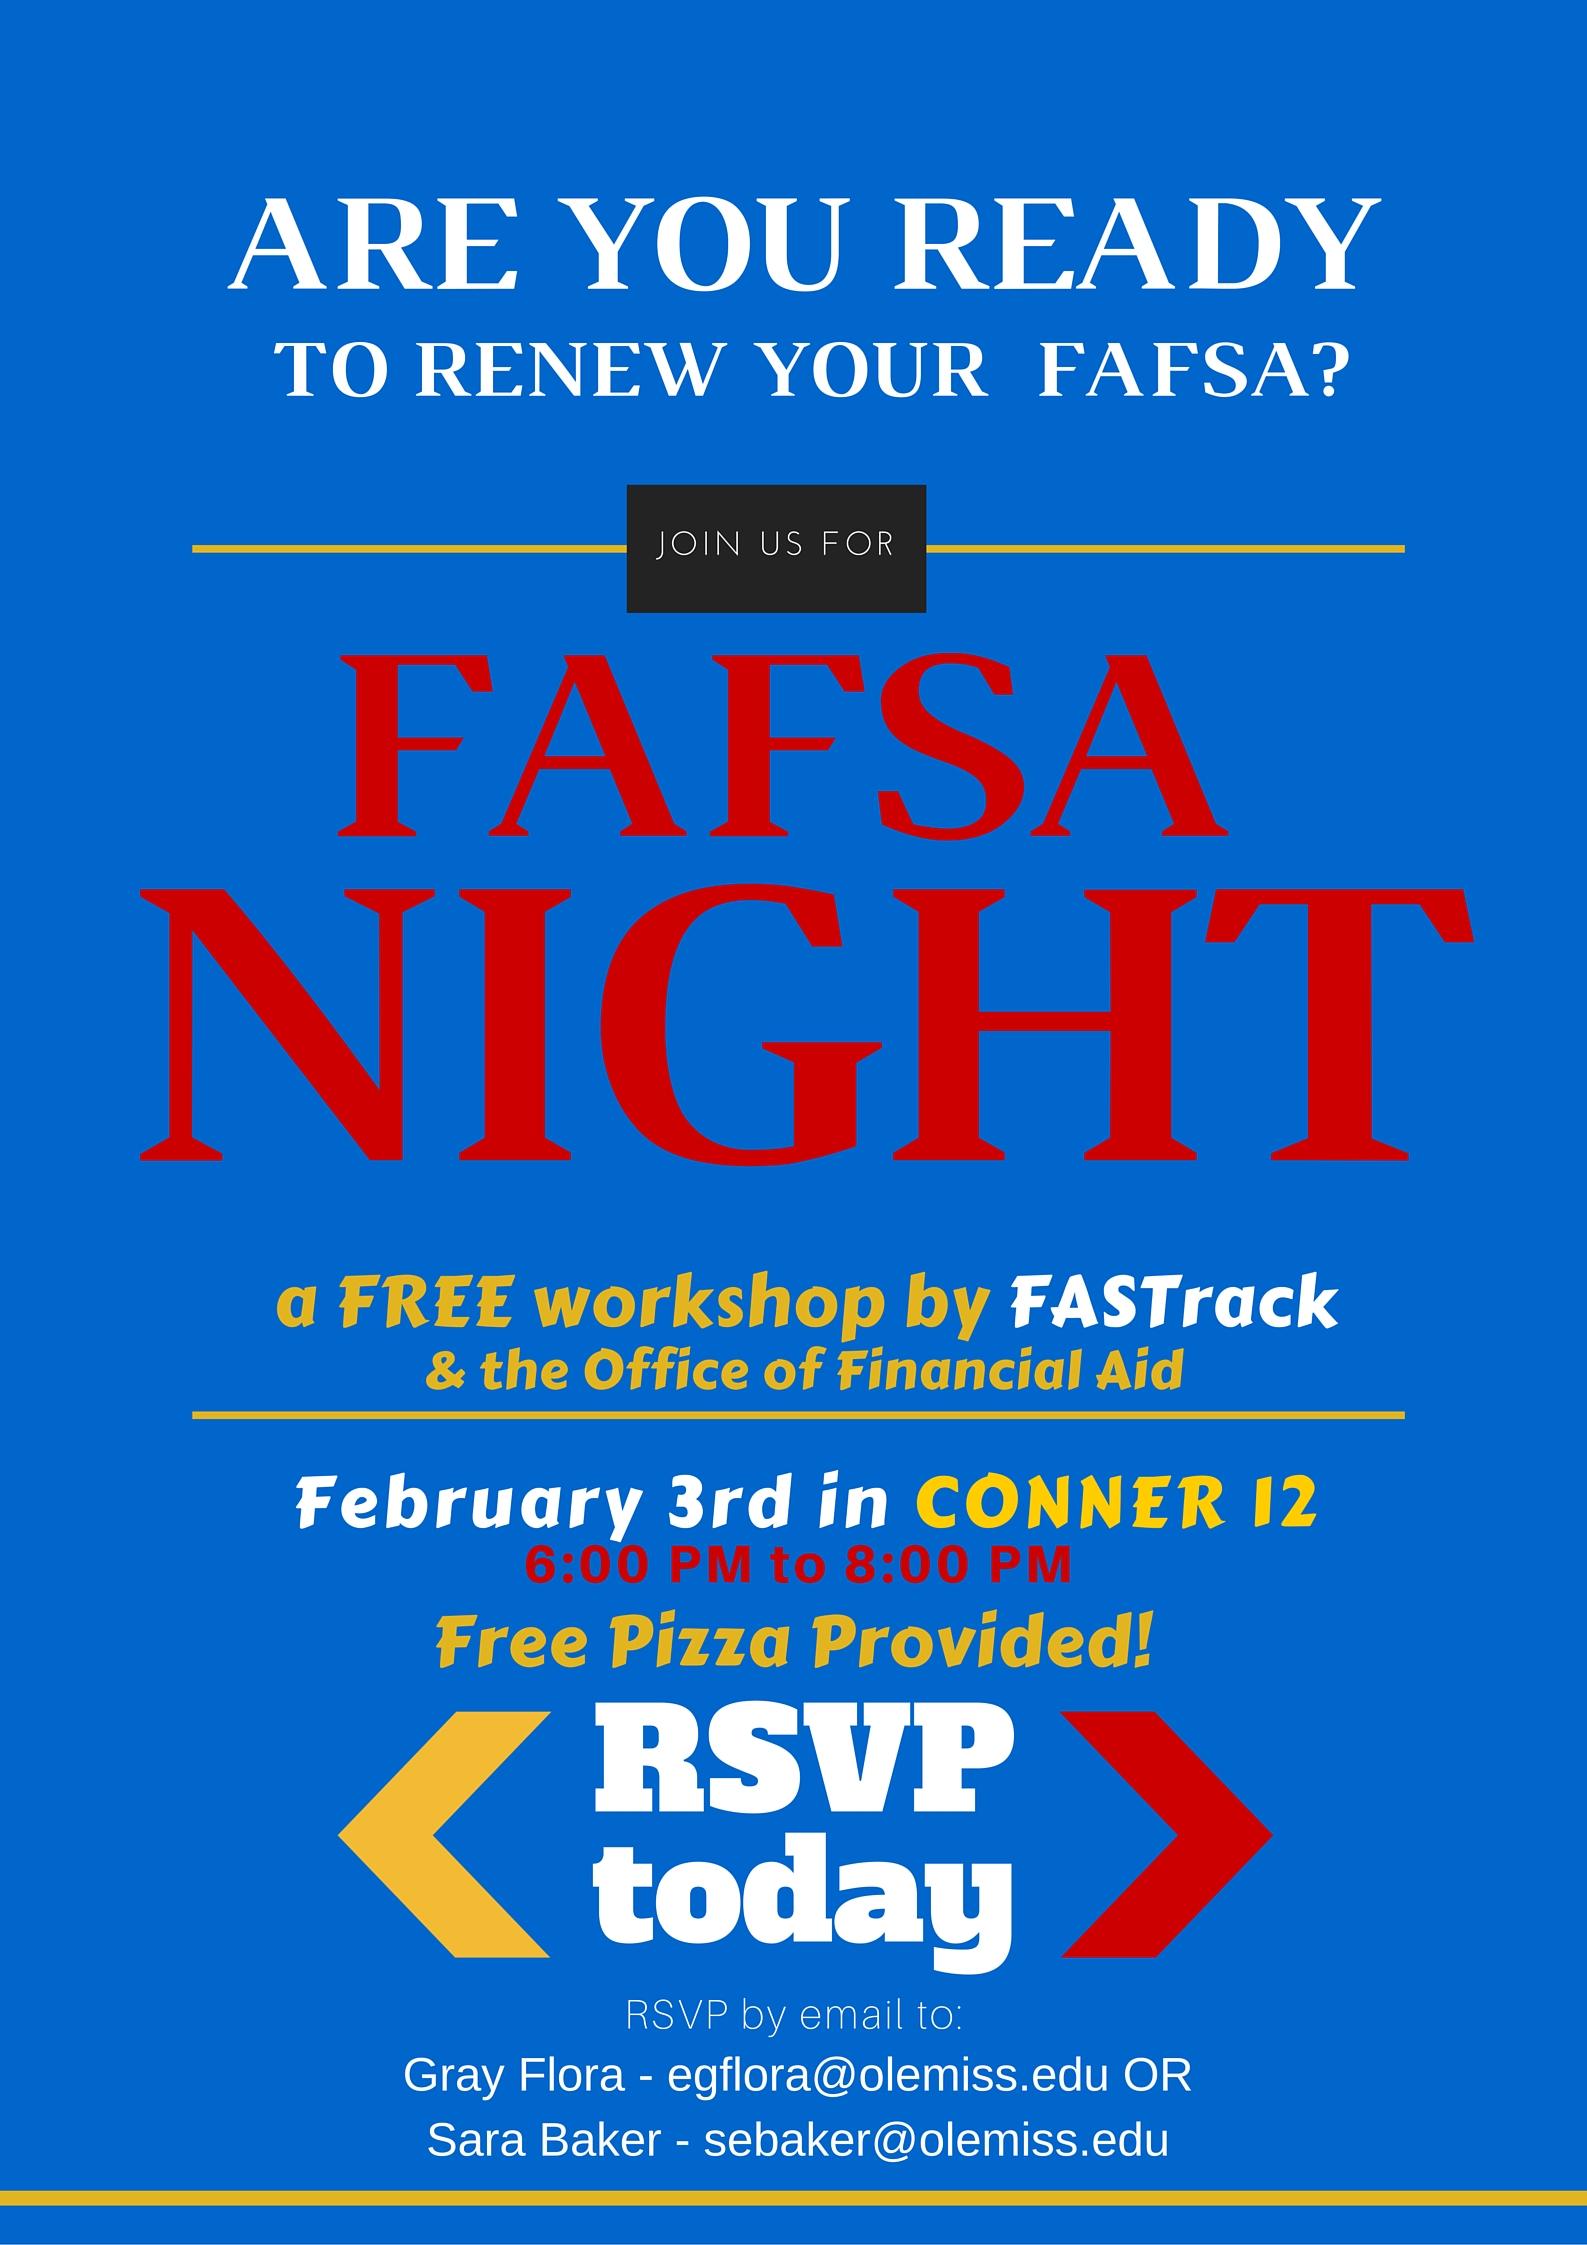 FAFSA night flyer (1) - Ole Miss News